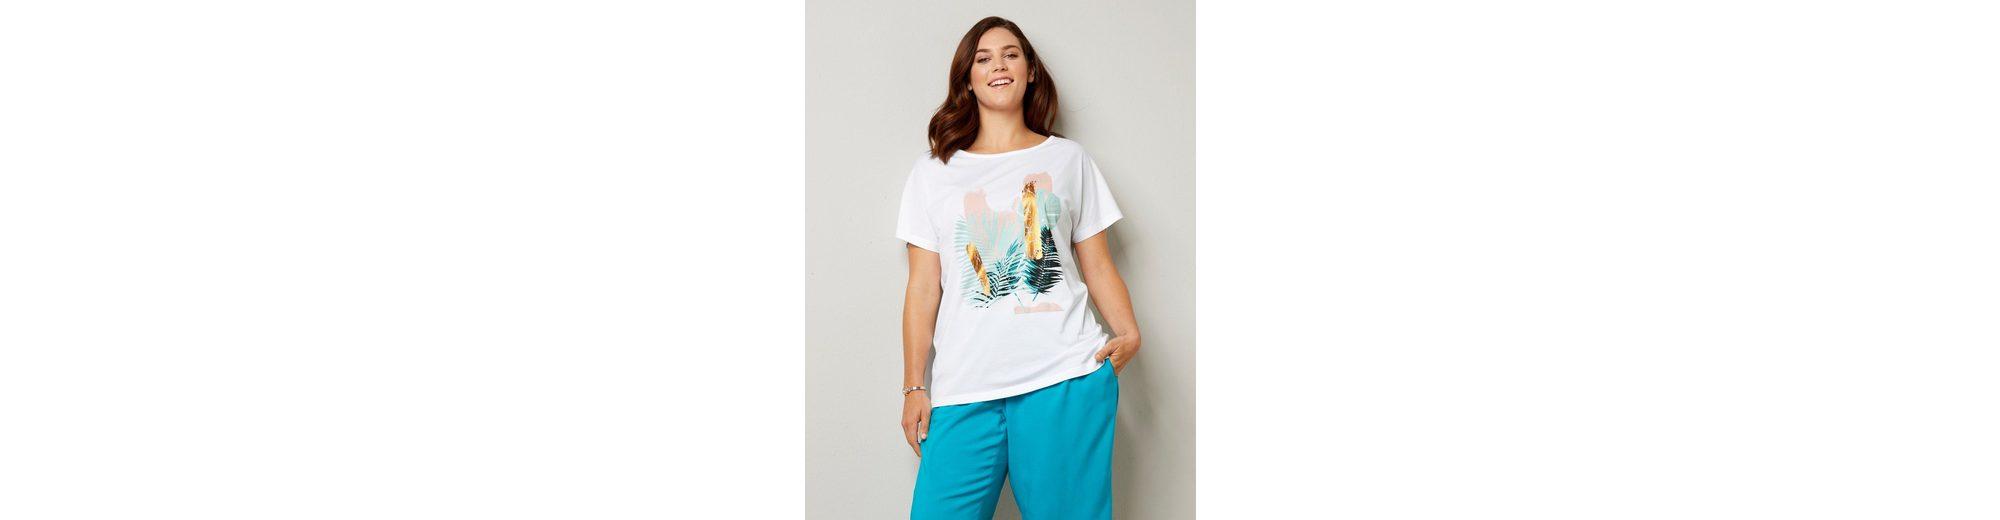 Janet und Joyce by Happy Size Shirt mit Frontprint Billig Verkauf Websites Hohe Qualität Günstig Online xNDni8PxX